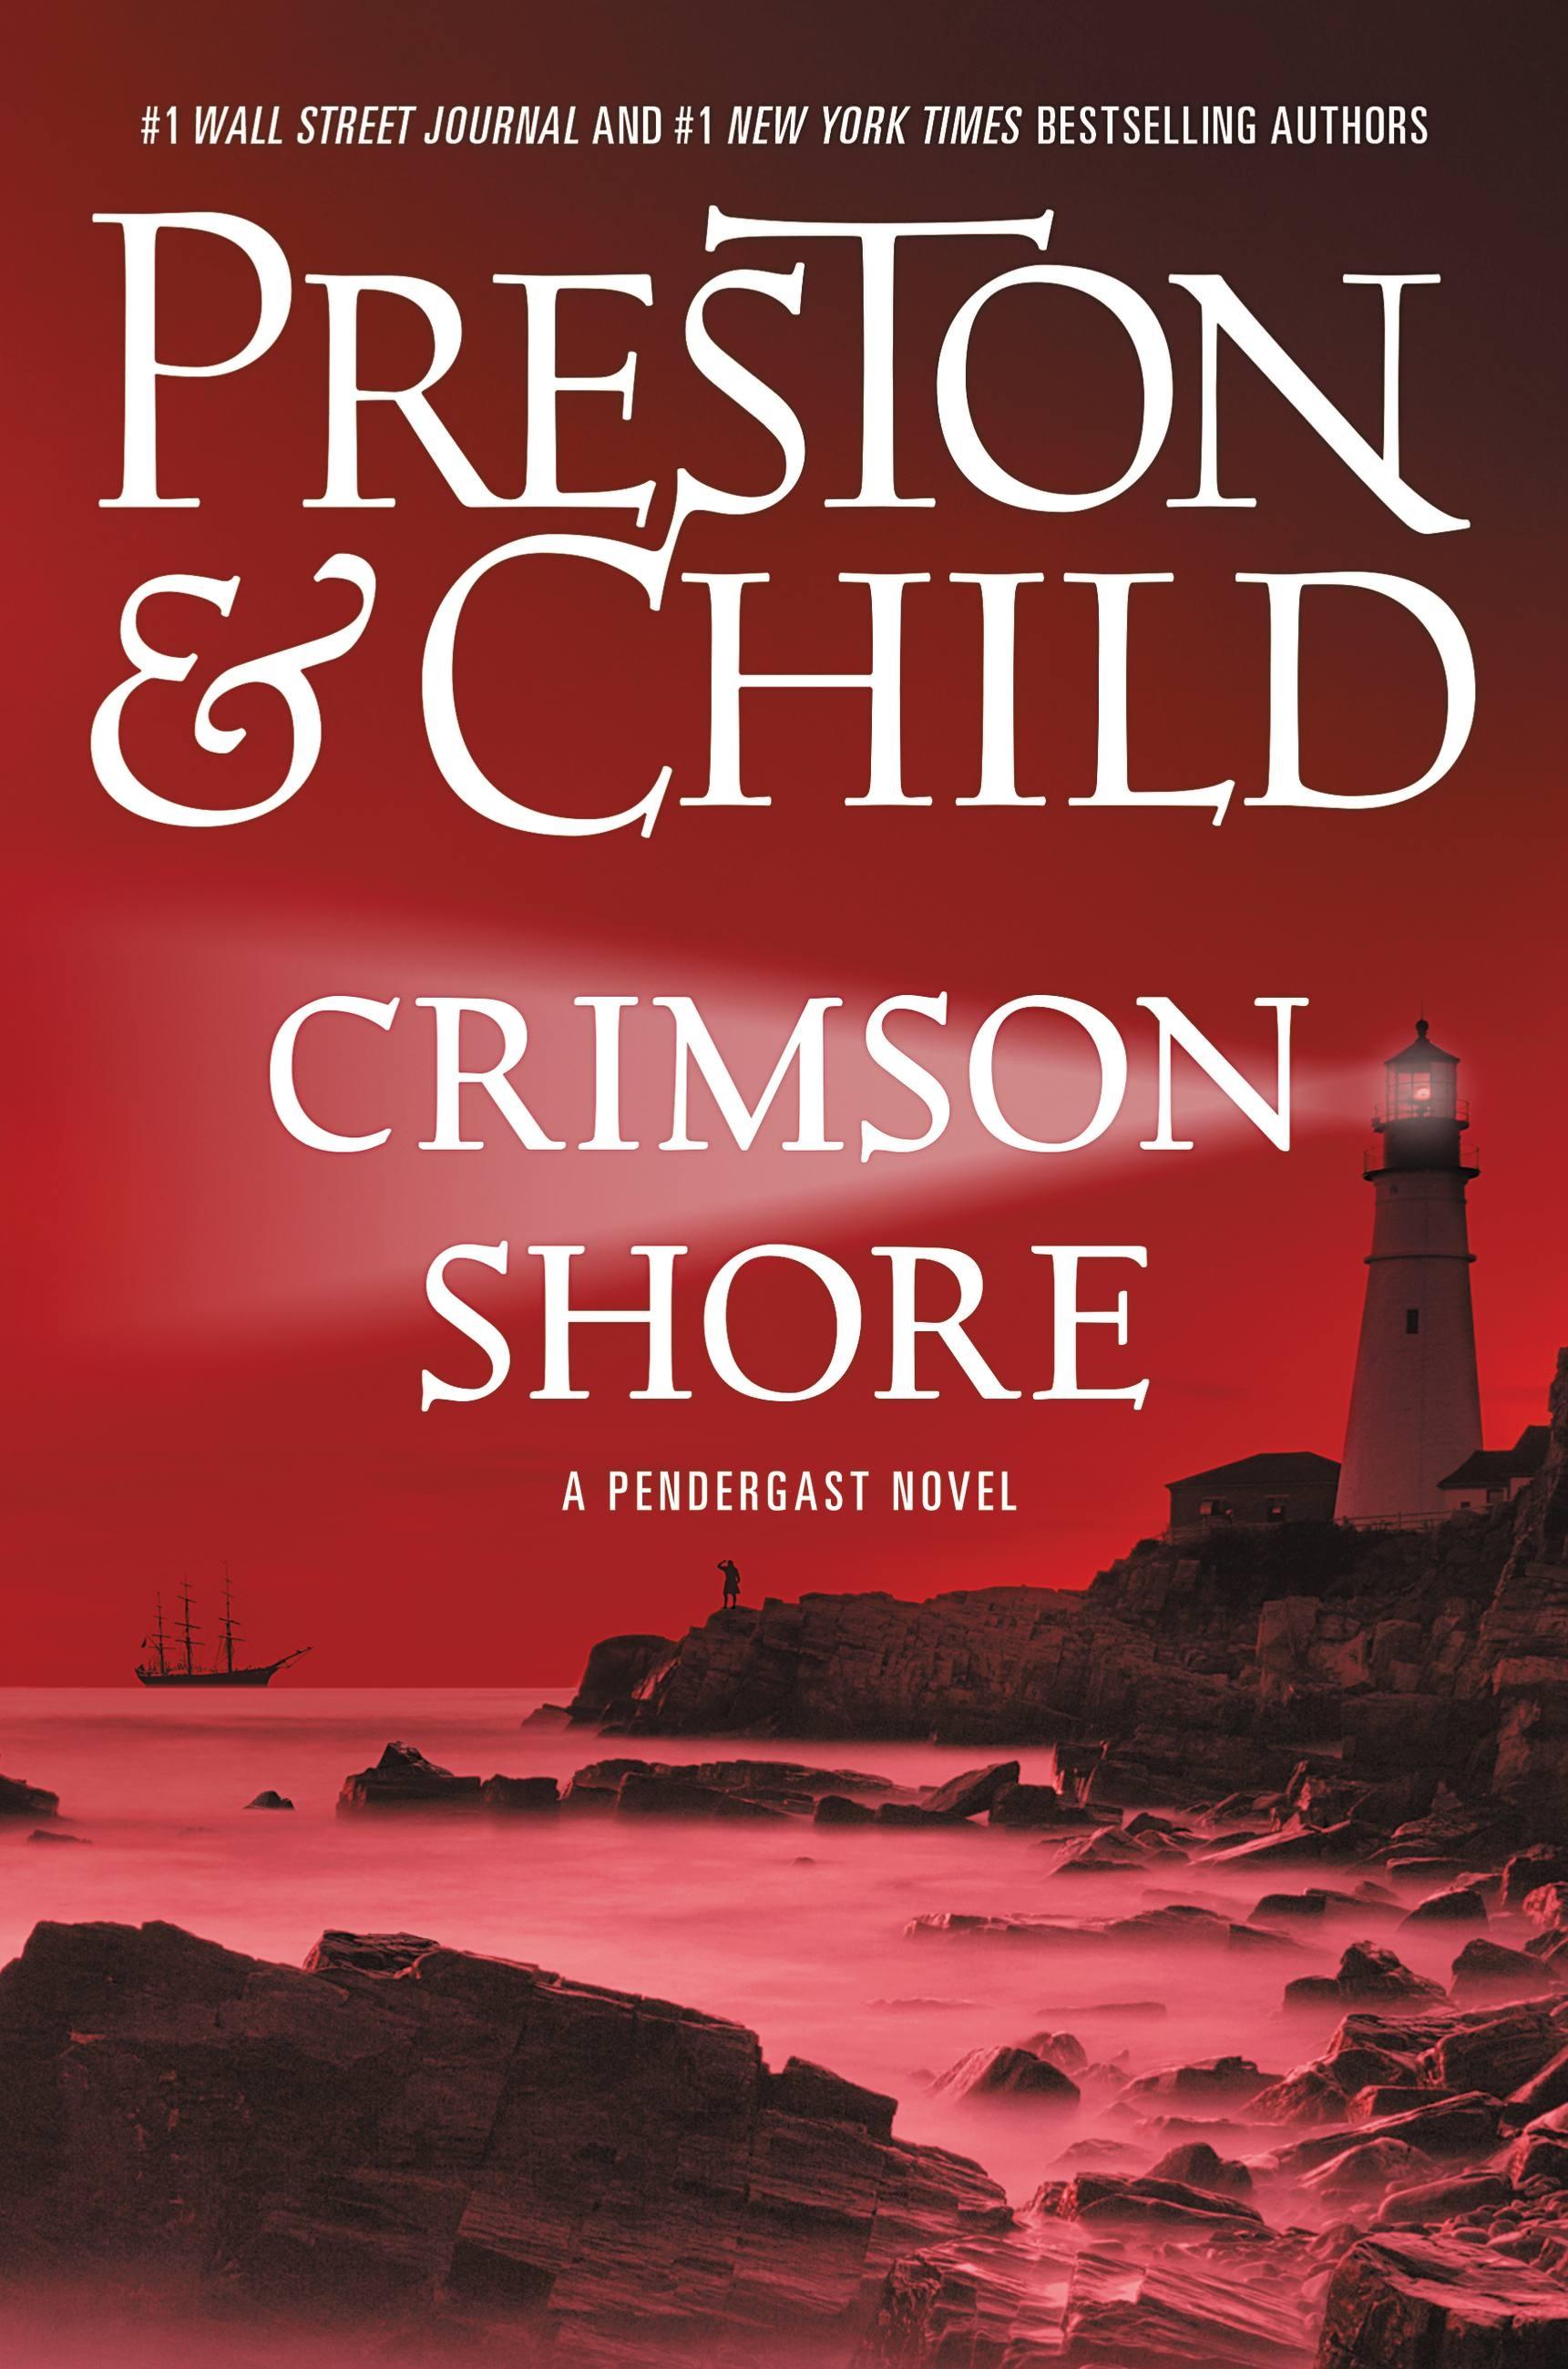 Crimson Shore by Douglas Preston | Hachette Book Group